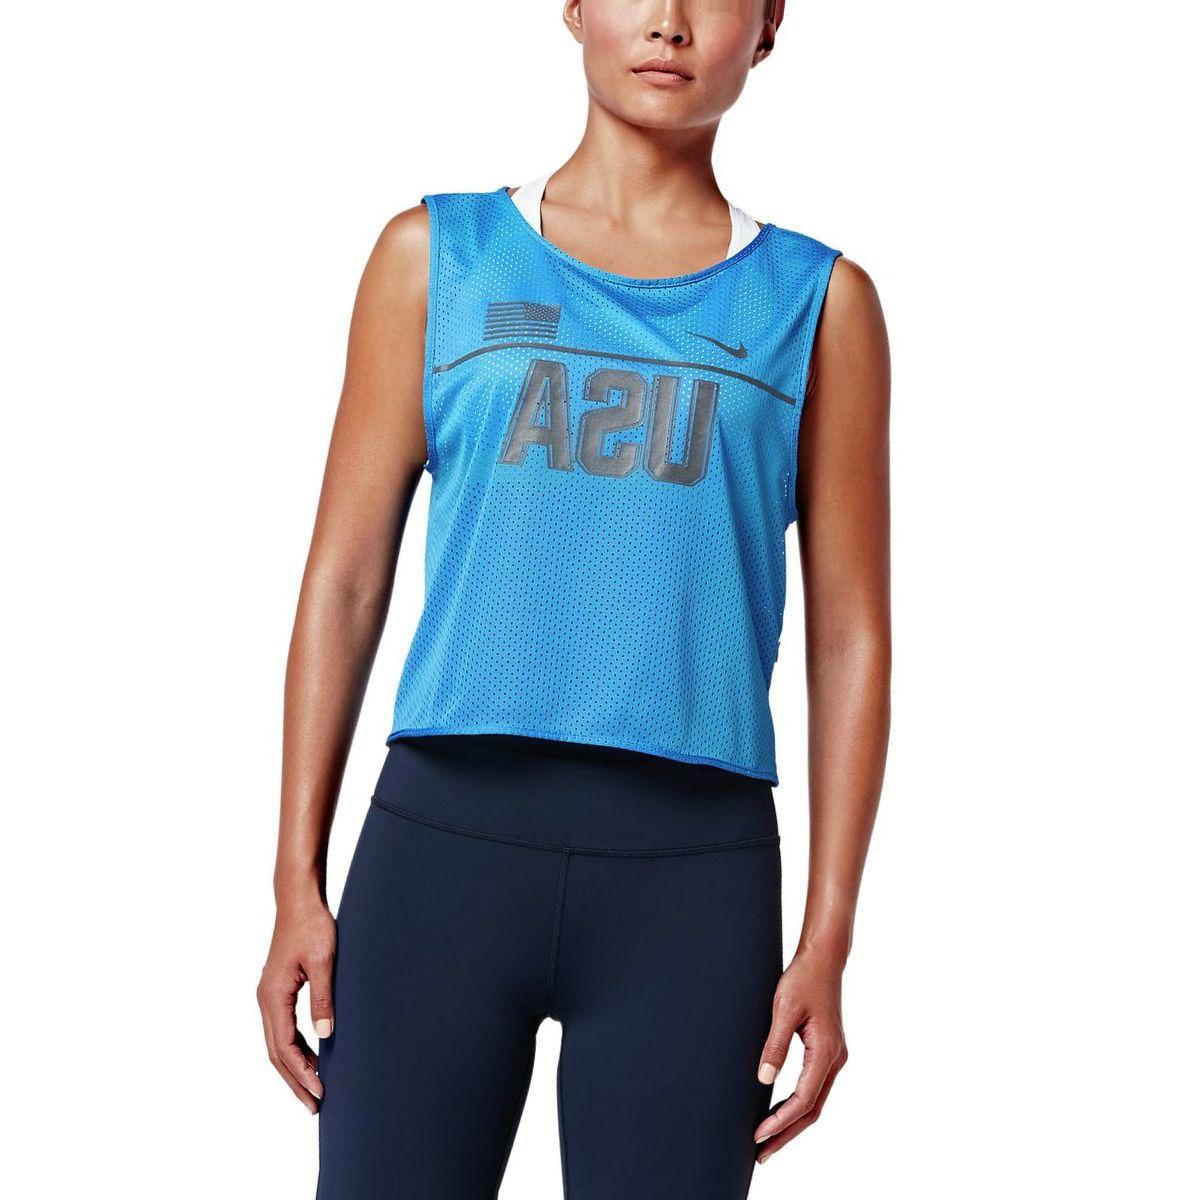 Nike Dry Running Top - Women's